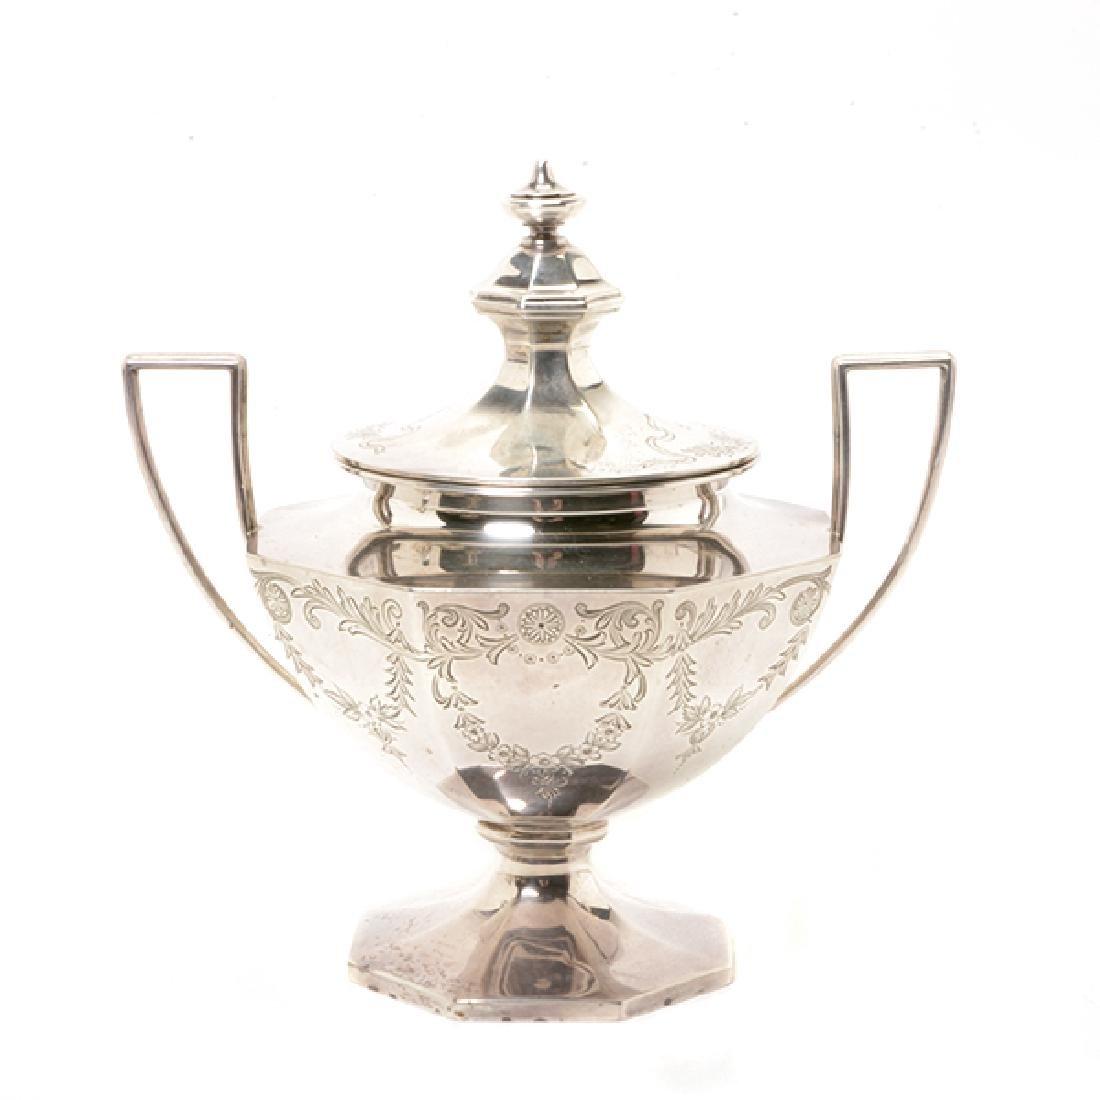 Gorham Sterling Octagonal Form Etched Tea Service - 2